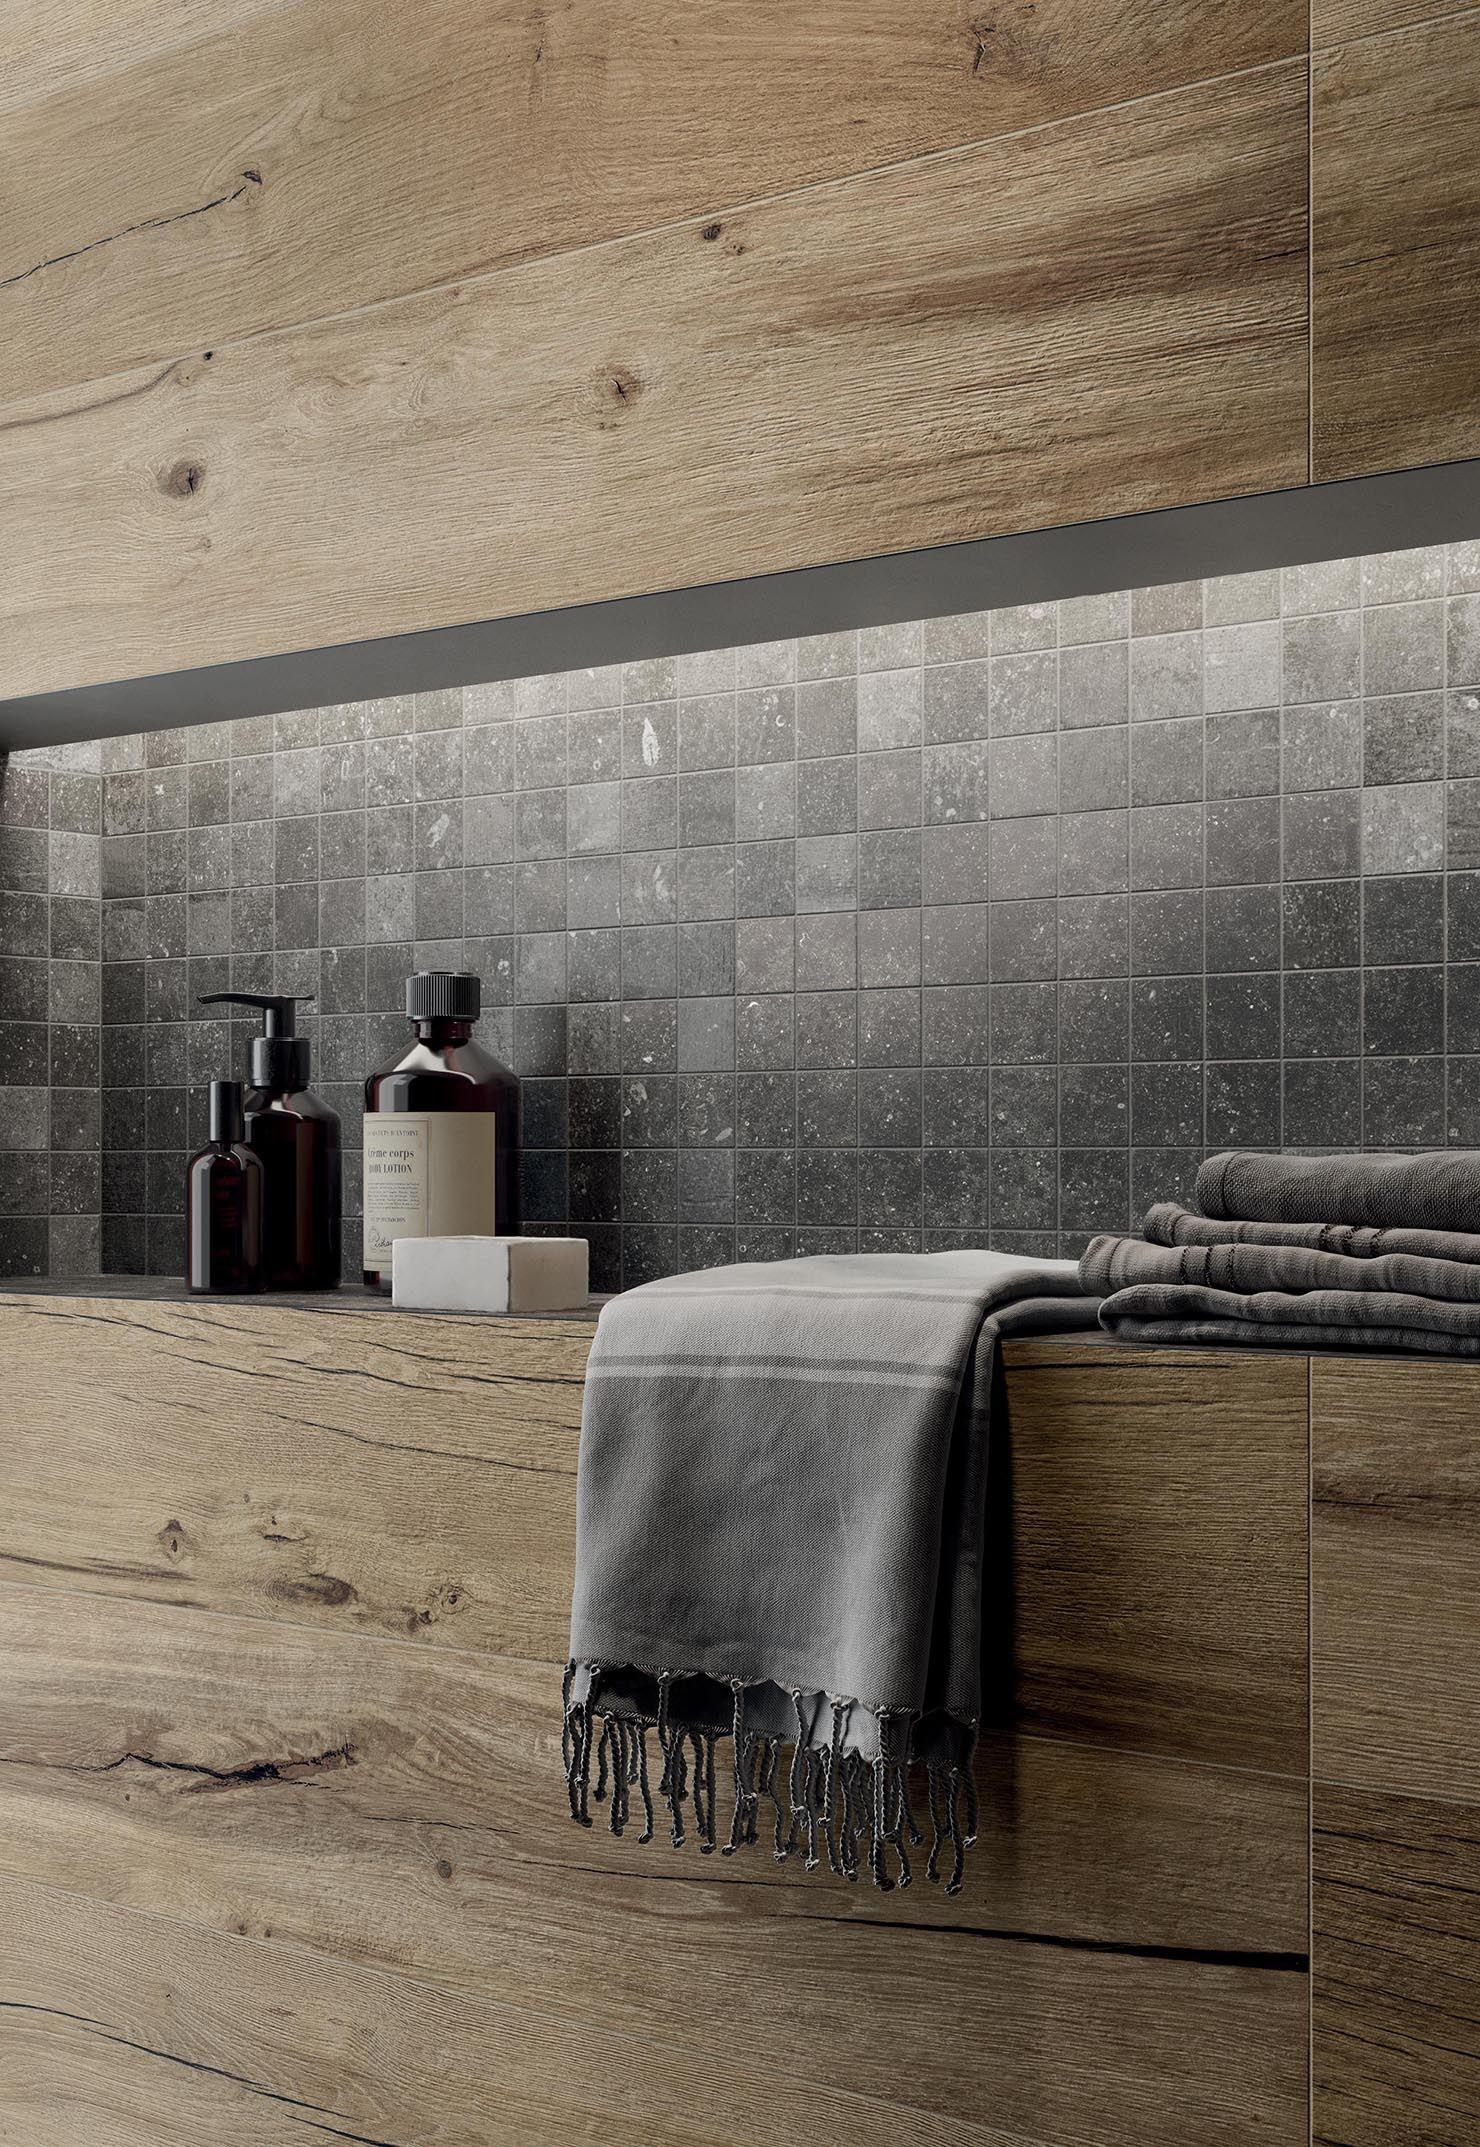 Wandplatten In Holz Und Natursteinoptik In 2020 Fliesen Holzoptik Bad Mosaik Fliesen Bad Fliesen